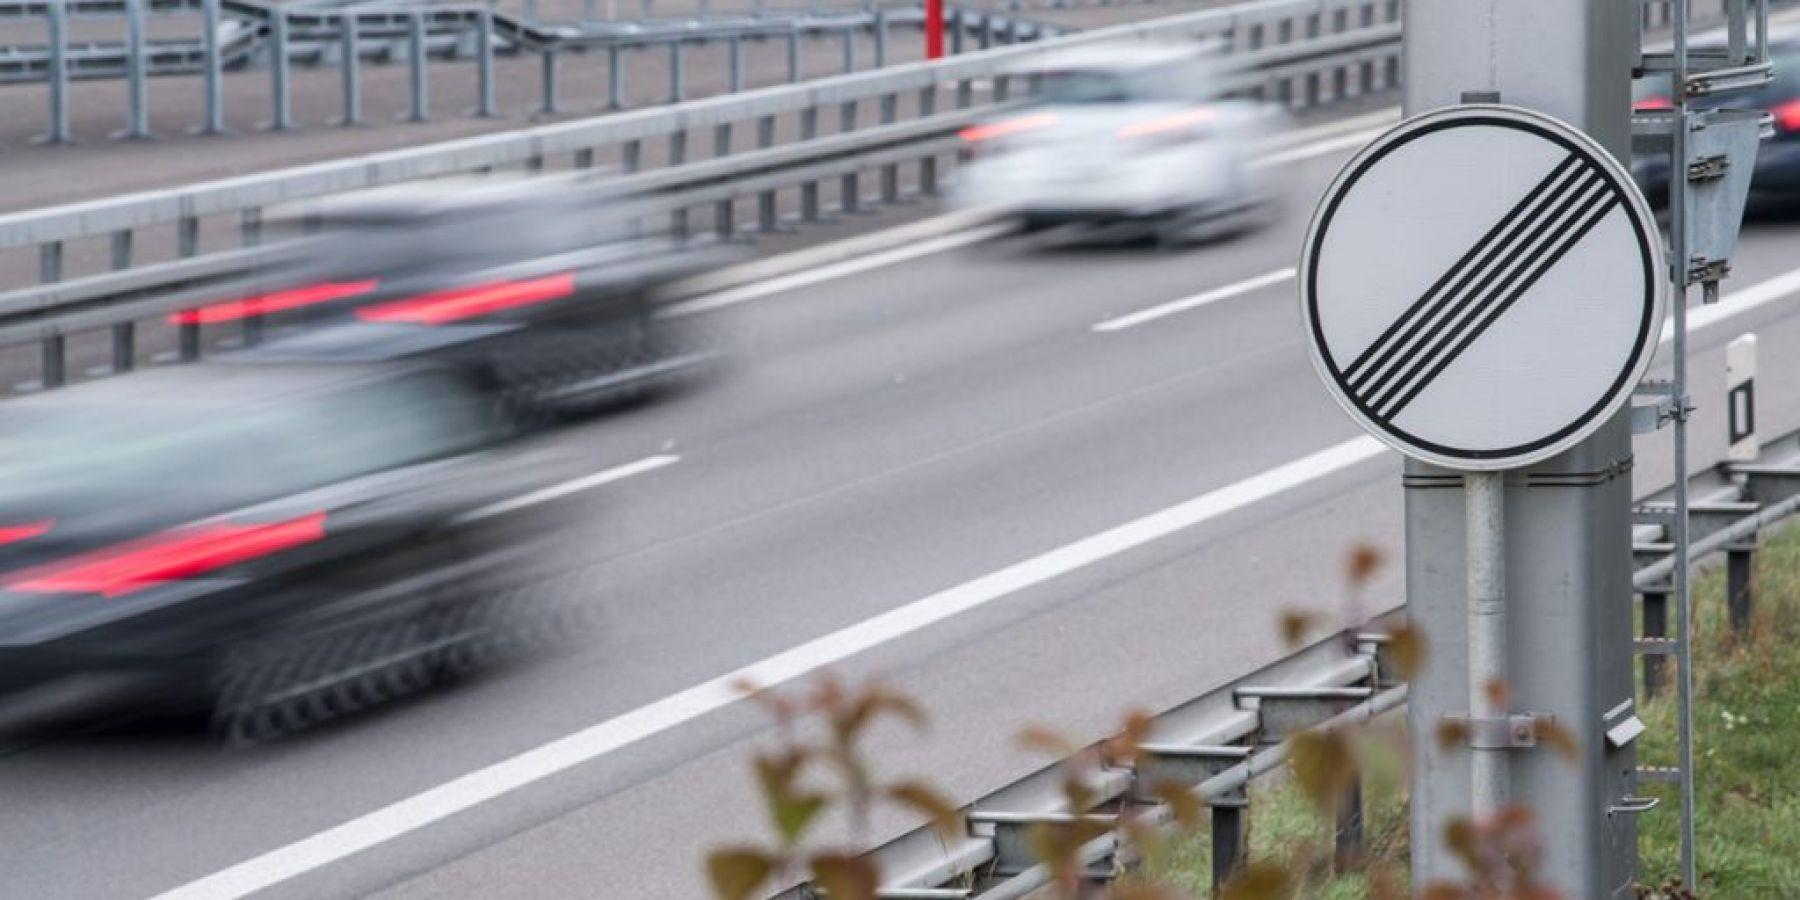 Hauptunfallursache Geschwindigkeit – Polizei ahndet knapp zwei Dutzend Verstöße